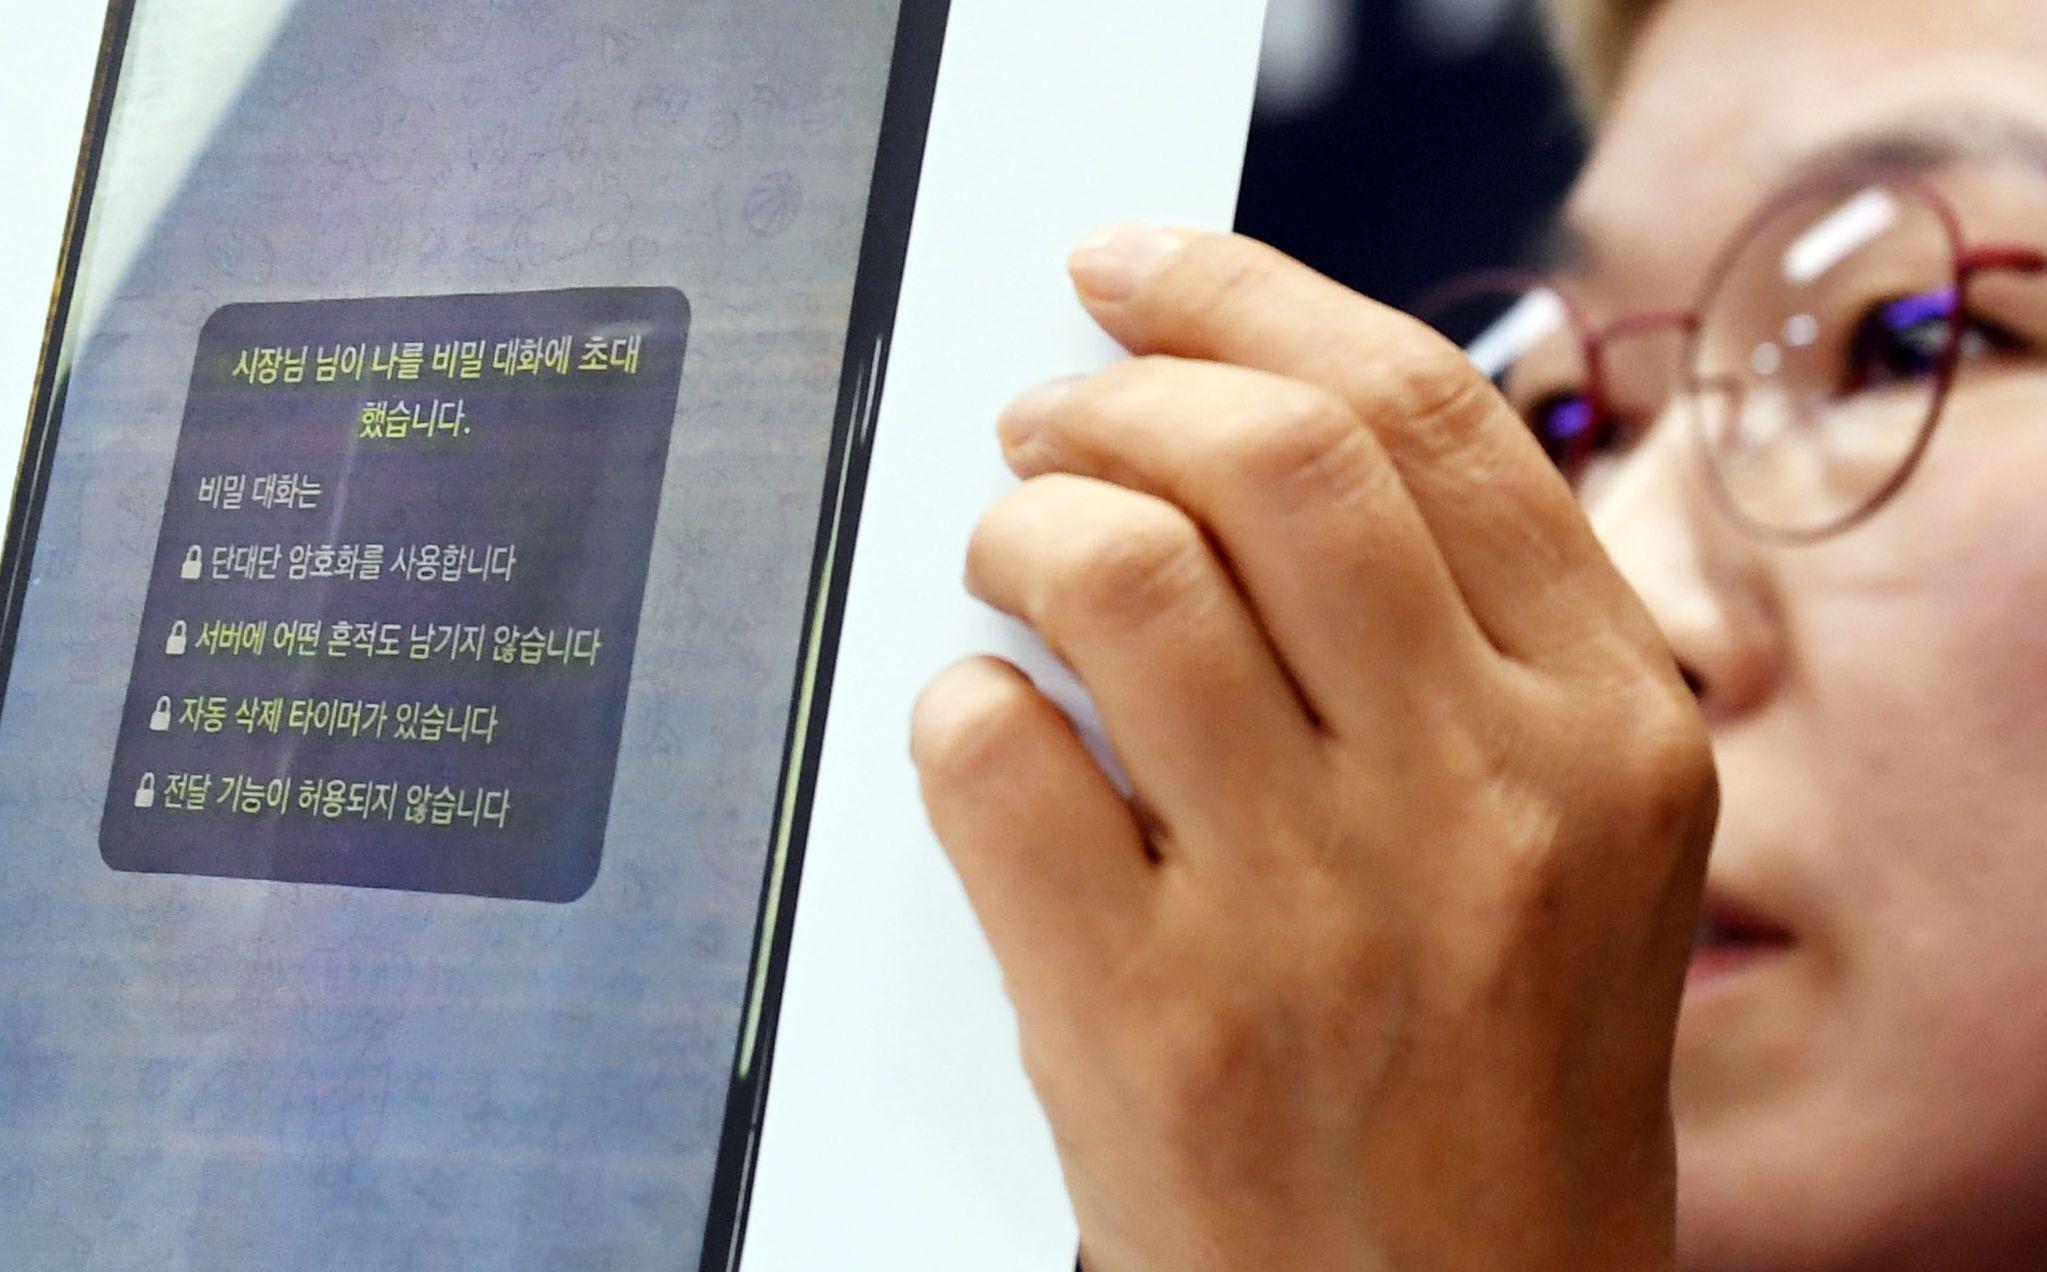 13일 서울 은평구 한국여성의전화 교육관에서 열린 '서울시장에 의한 위력 성추행 사건 기자회견'에서 김재련 법무법인 온-세상 대표변호사가 박원순 시장이 고소인에게 보냈다는 비밀대화방 초대문자를 공개하고 있다. 뉴시스